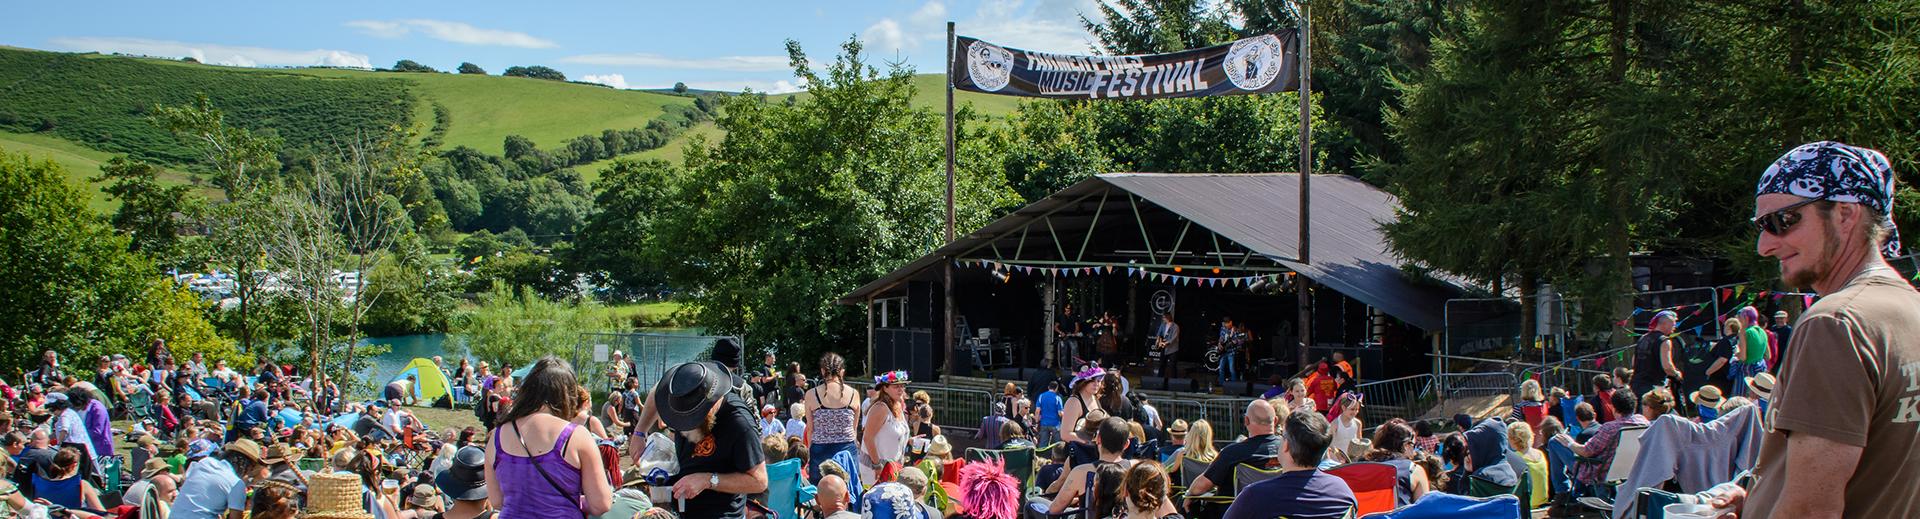 Farmer Phil's Festival